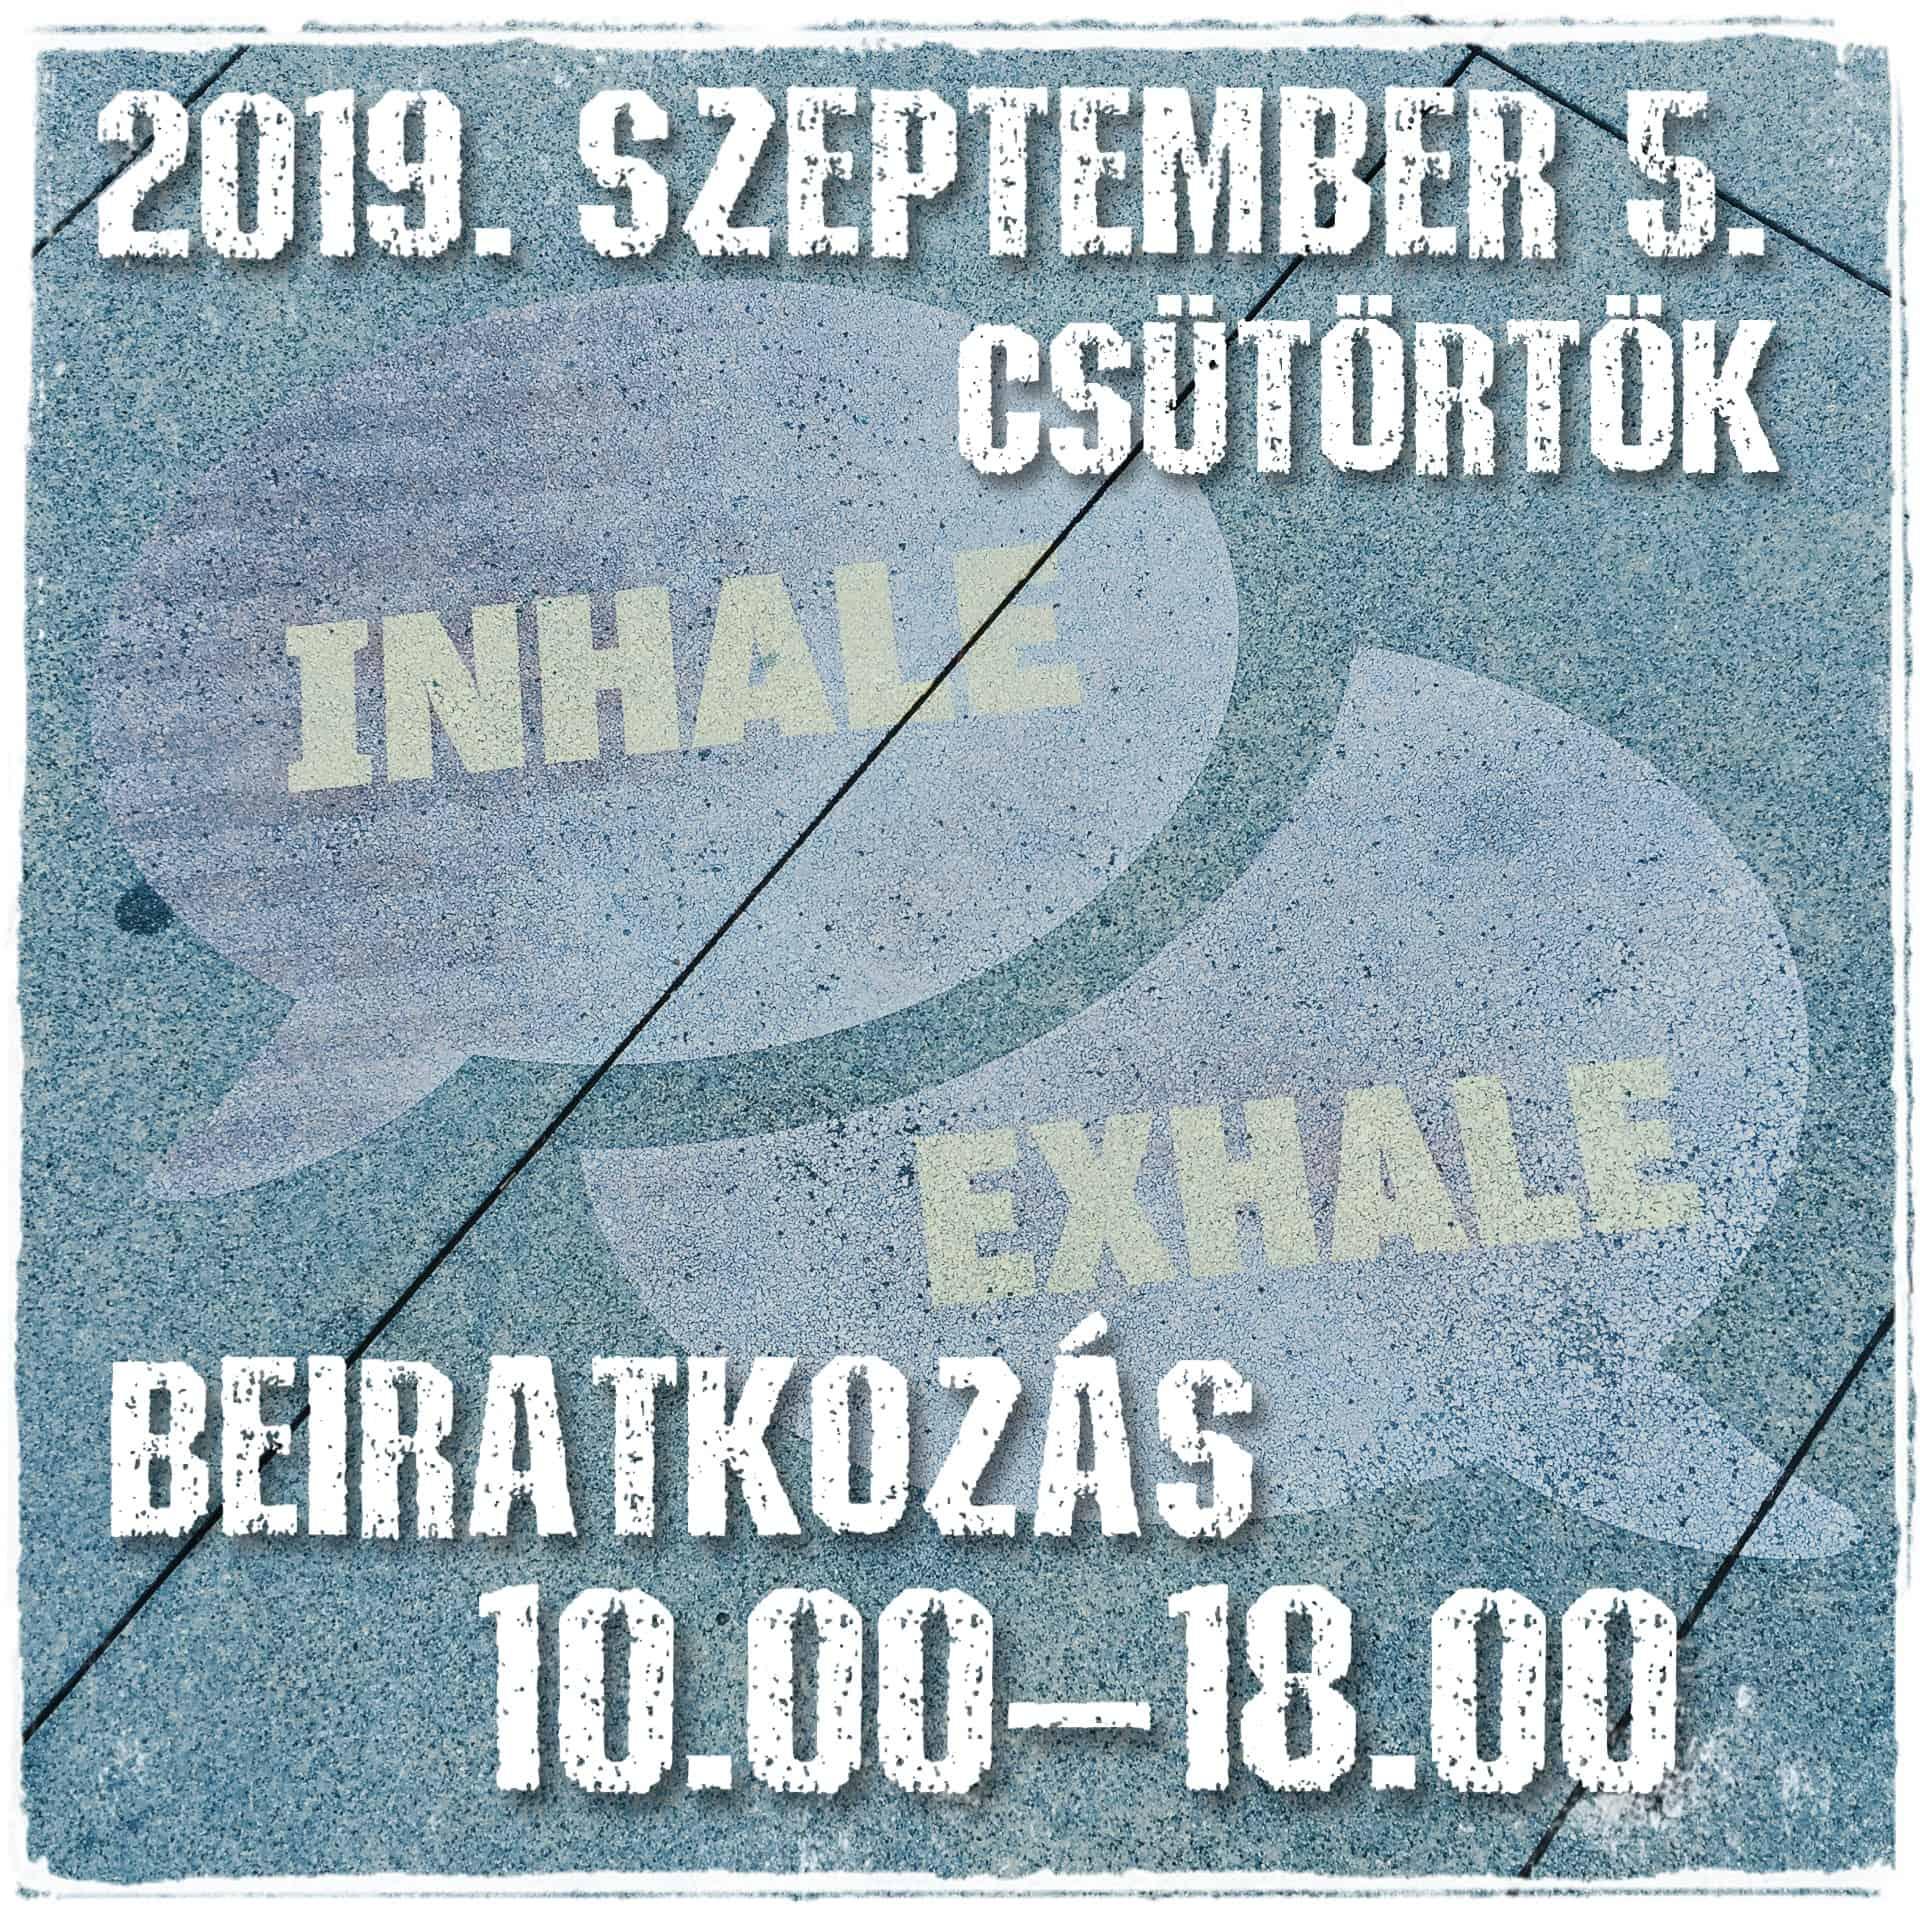 Beiratkozás 2019. szeptember 5. csütörtök